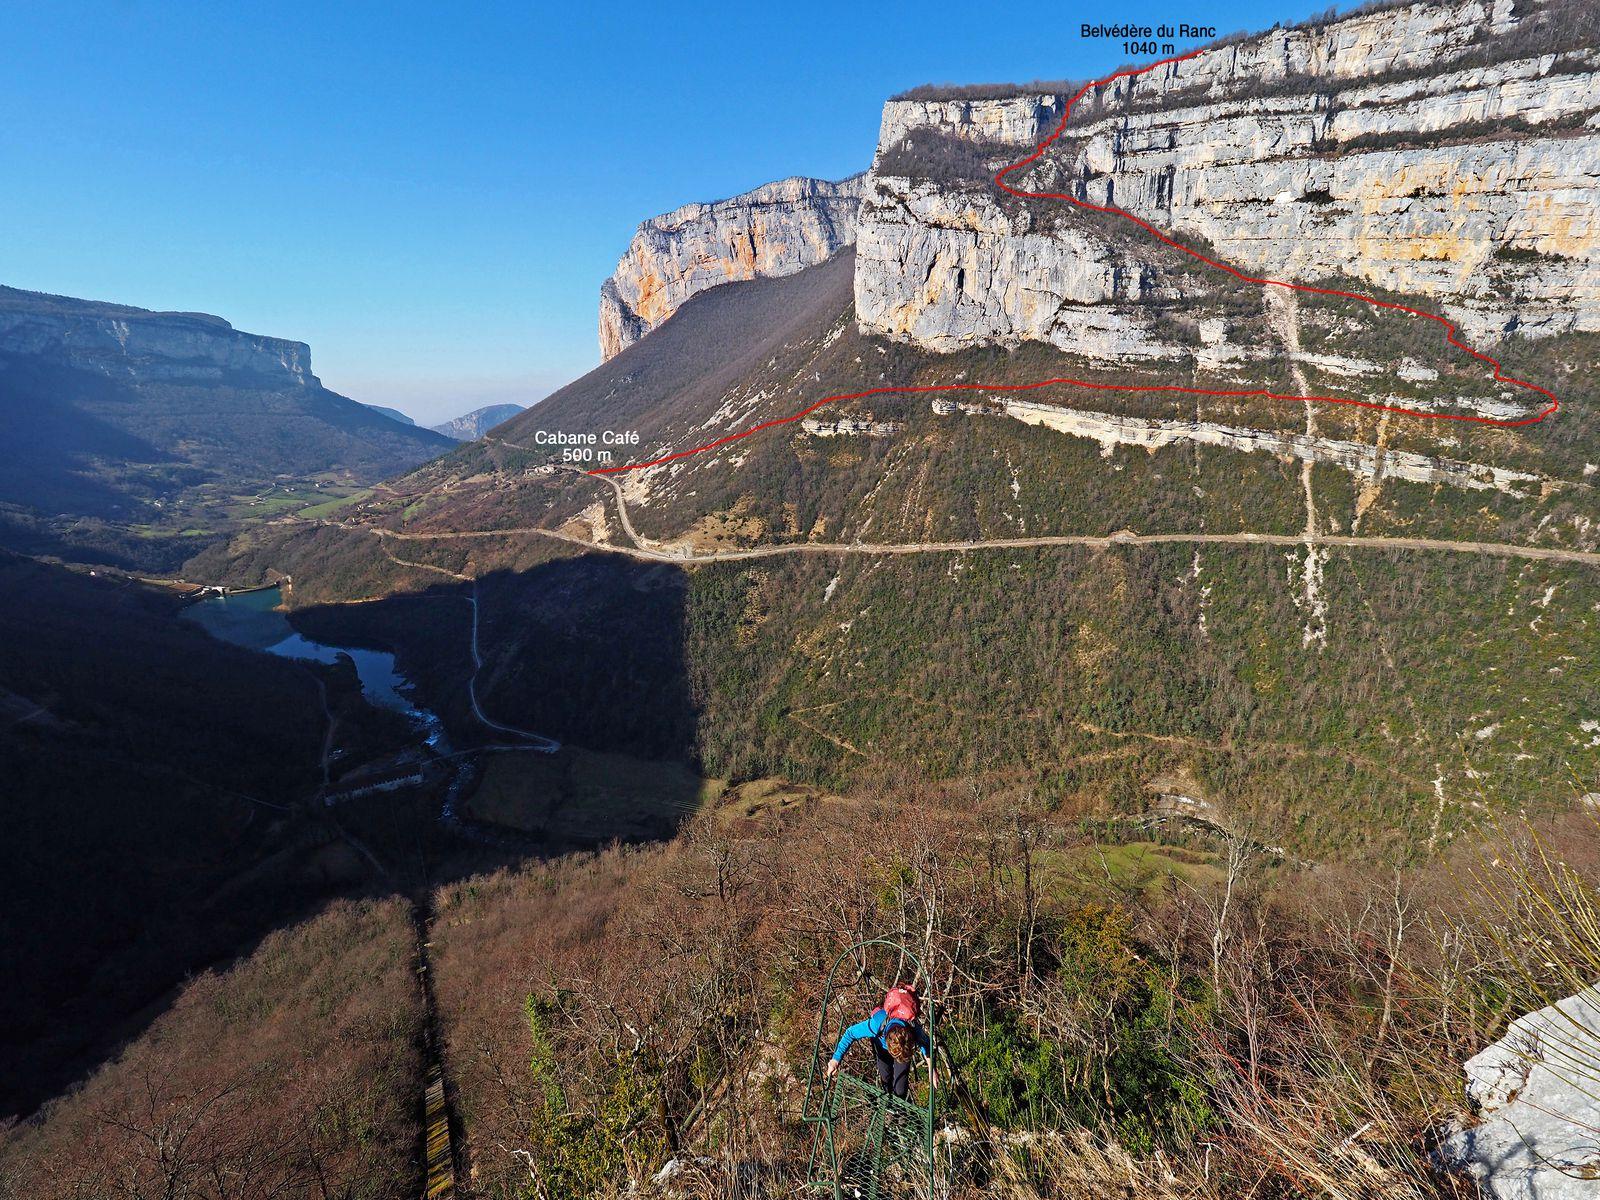 """Le pas du Ranc vu du cirque du Bournillon. Bien que traversant ce """"ranc"""" au milieu des falaises, le sentier n'offre guère de difficultés."""